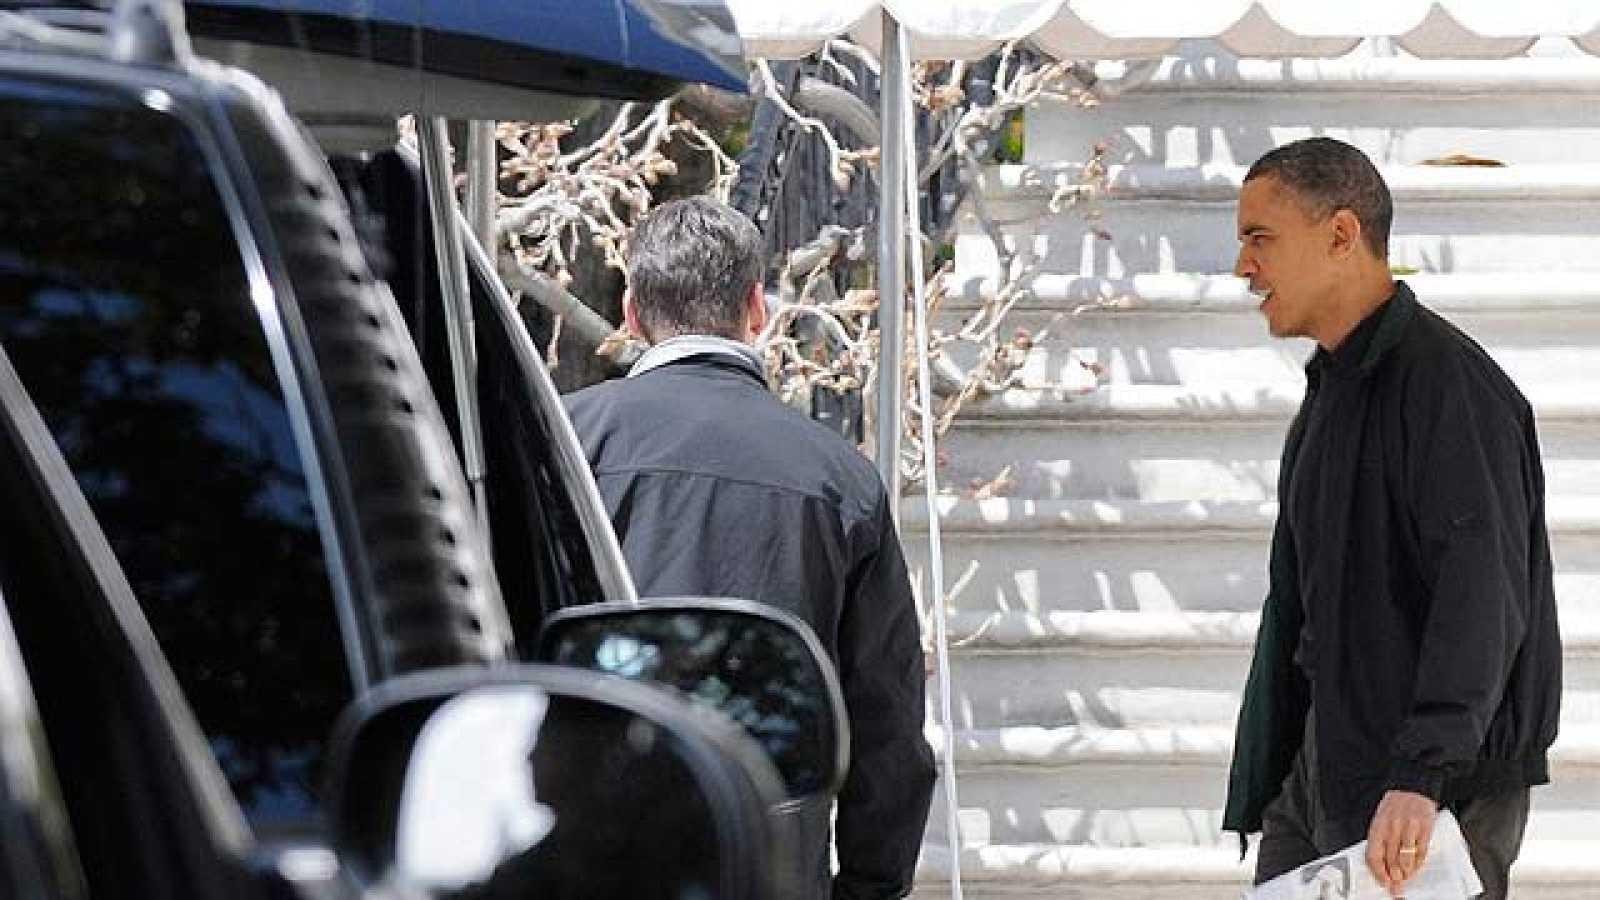 Obama anuncia el comienzo de la campaña de su reelección, en la que espera conseguir mil millones de dólares